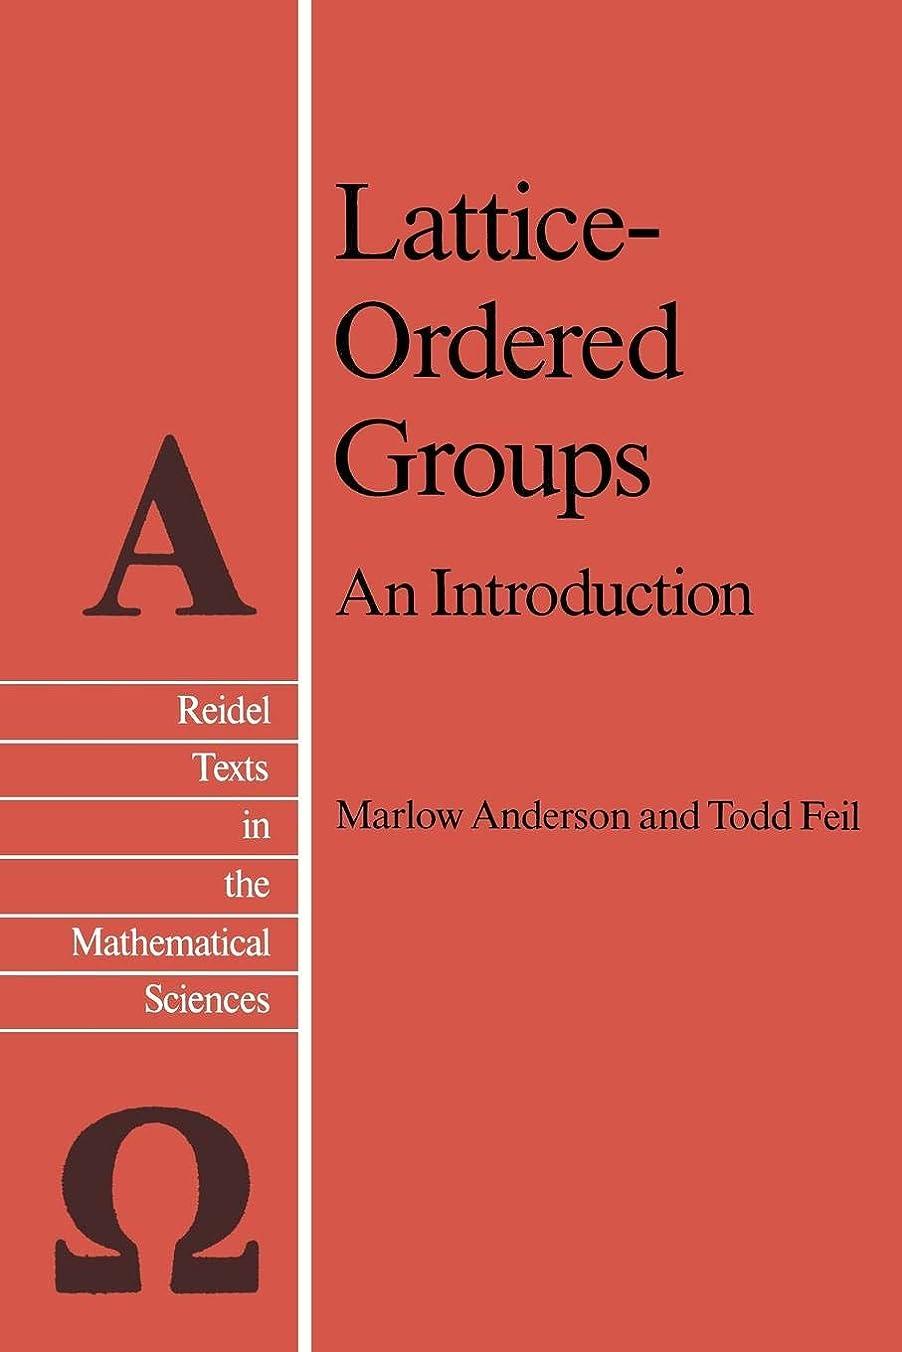 寛解写真砂Lattice-Ordered Groups: An Introduction (Reidel Texts in the Mathematical Sciences)